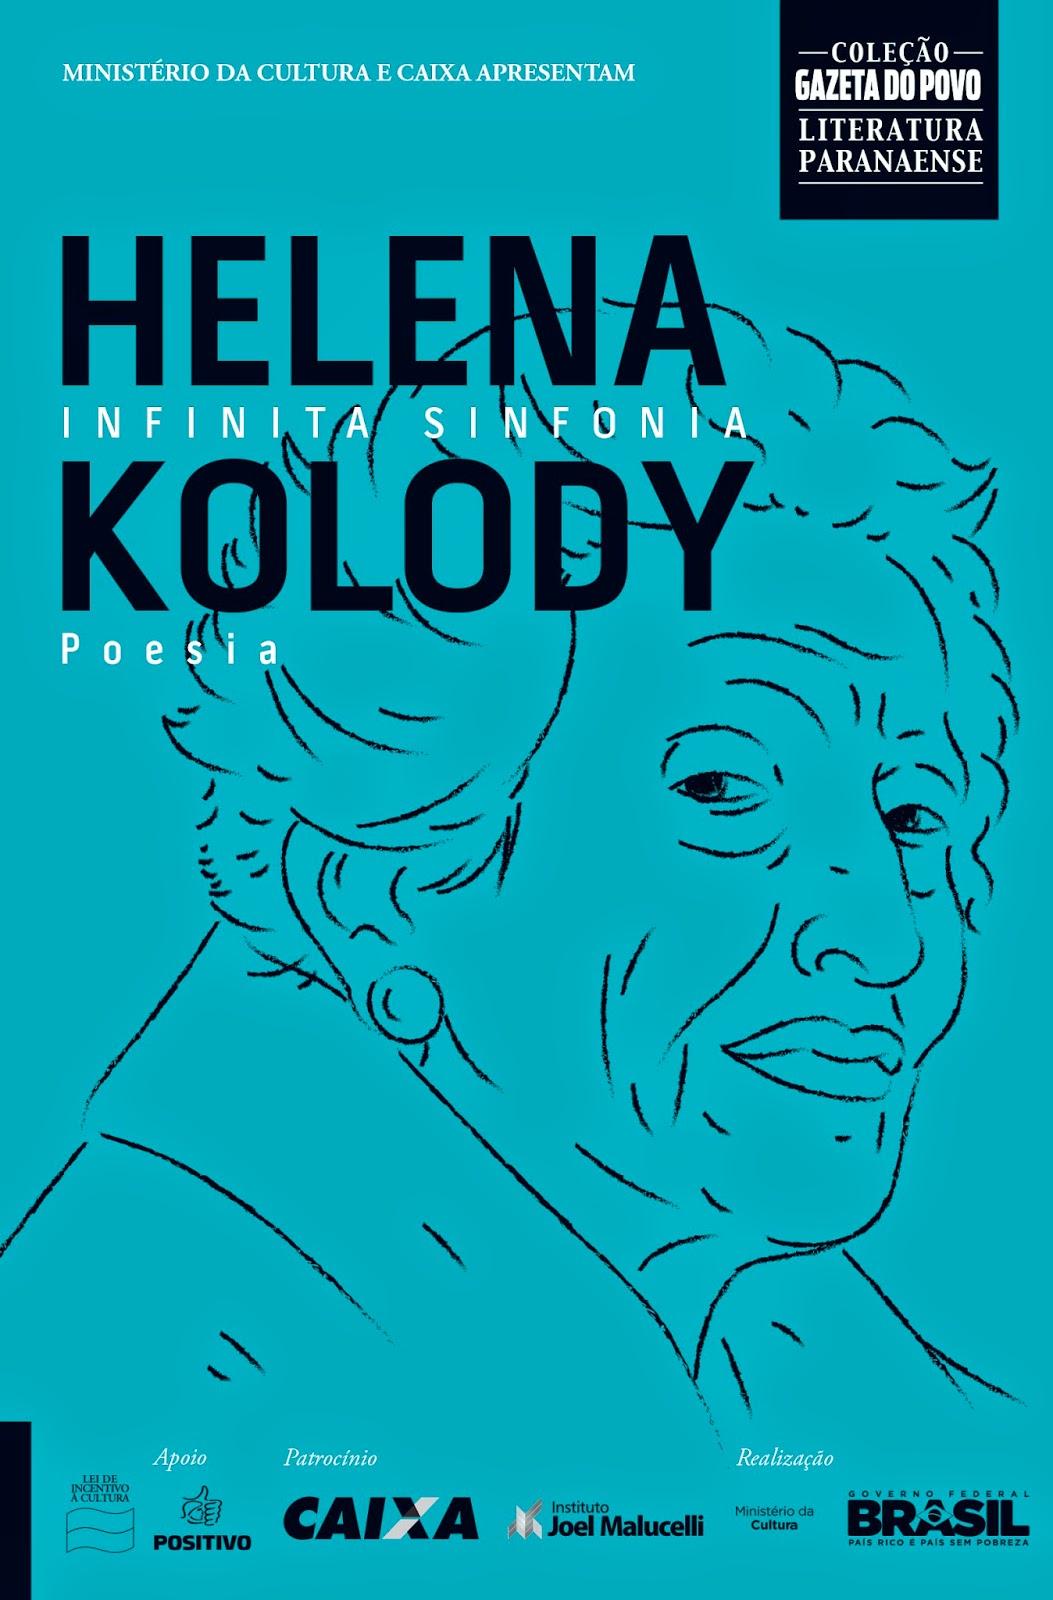 """288bded582 A distribuição desta 1a Coleção Gazeta do Povo – Literatura Paranaense  finaliza com o título """"Infinita sinfonia"""", de Helena Kolody, no dia 12 de  Dezembro."""